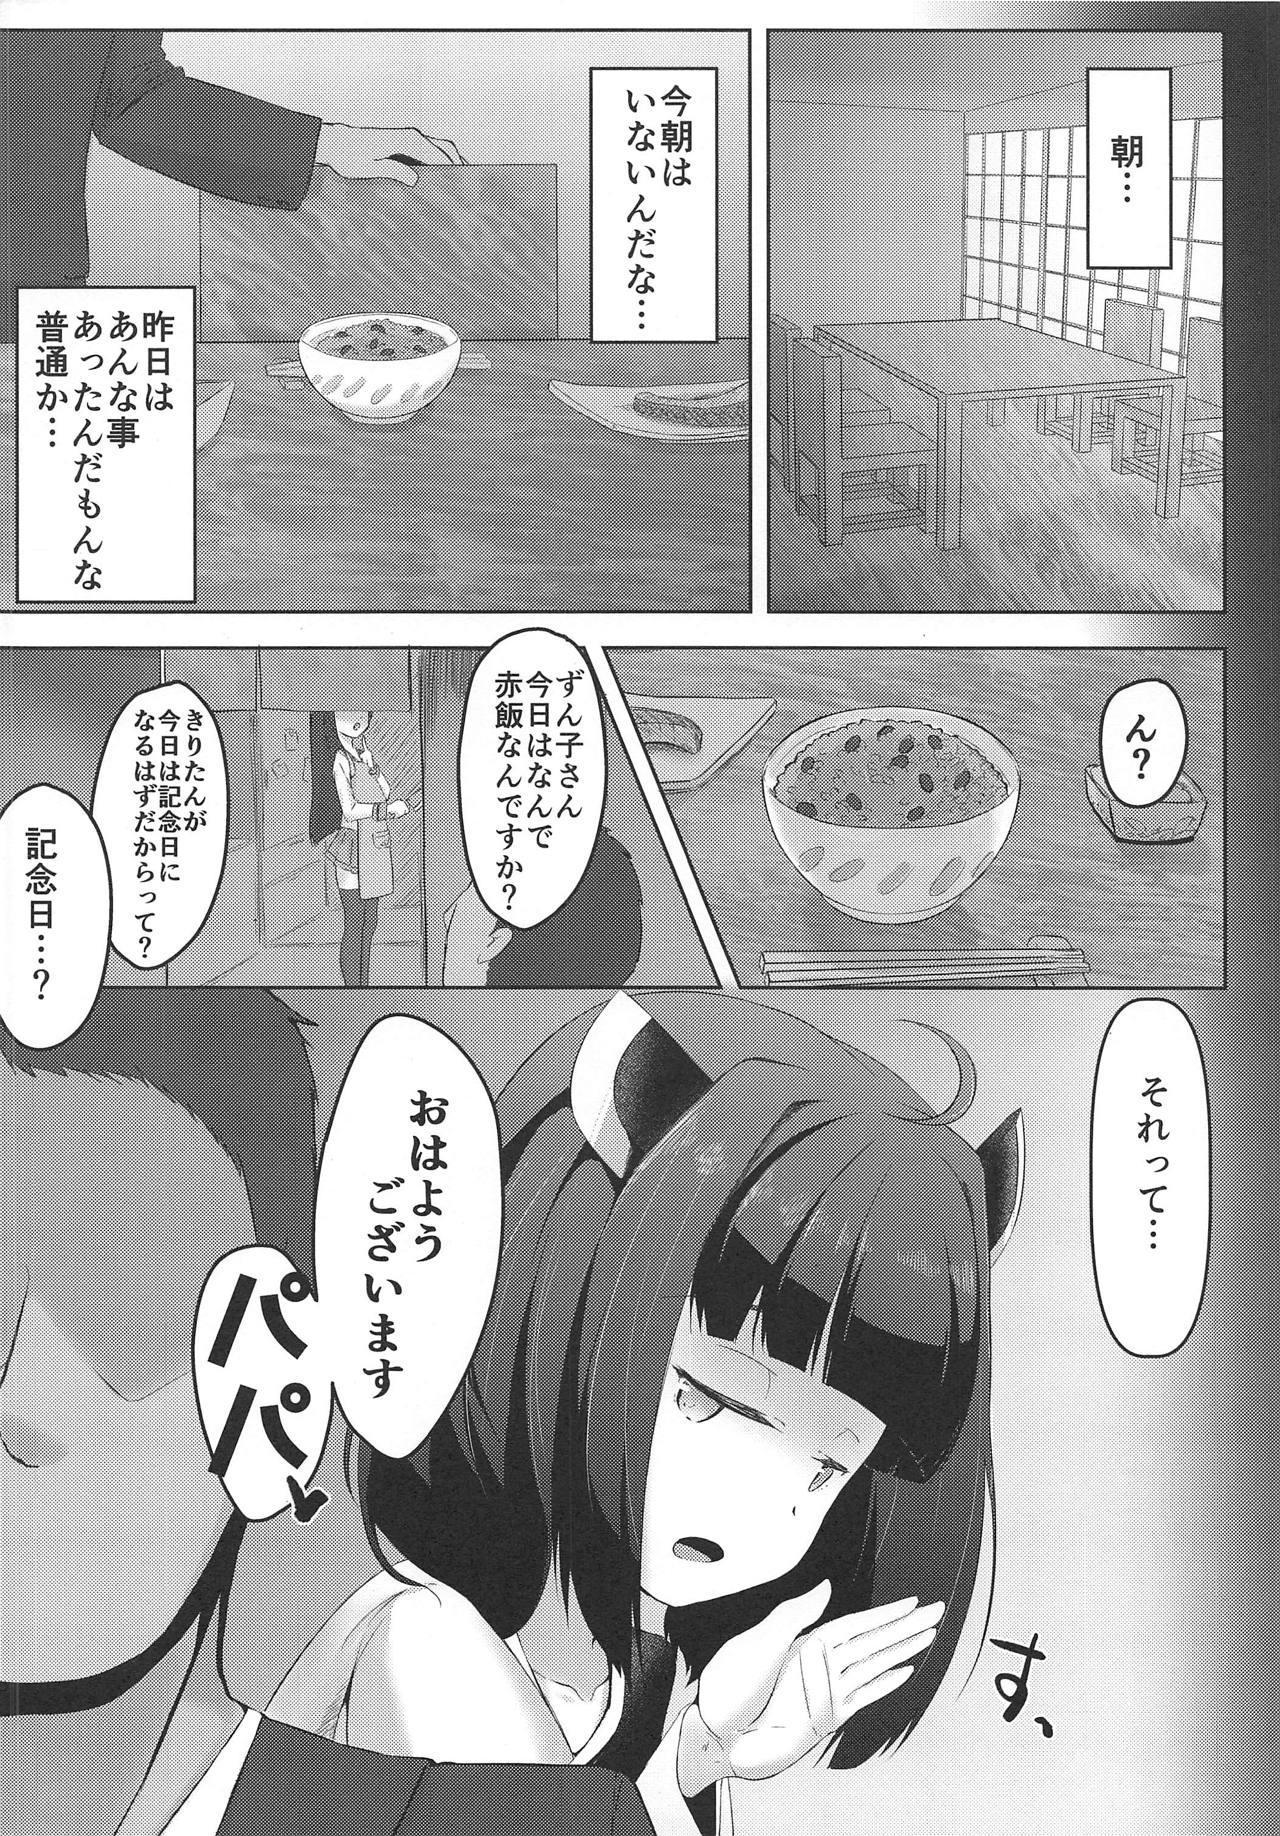 Itsumo no Naka ni Aru Nichijou 18